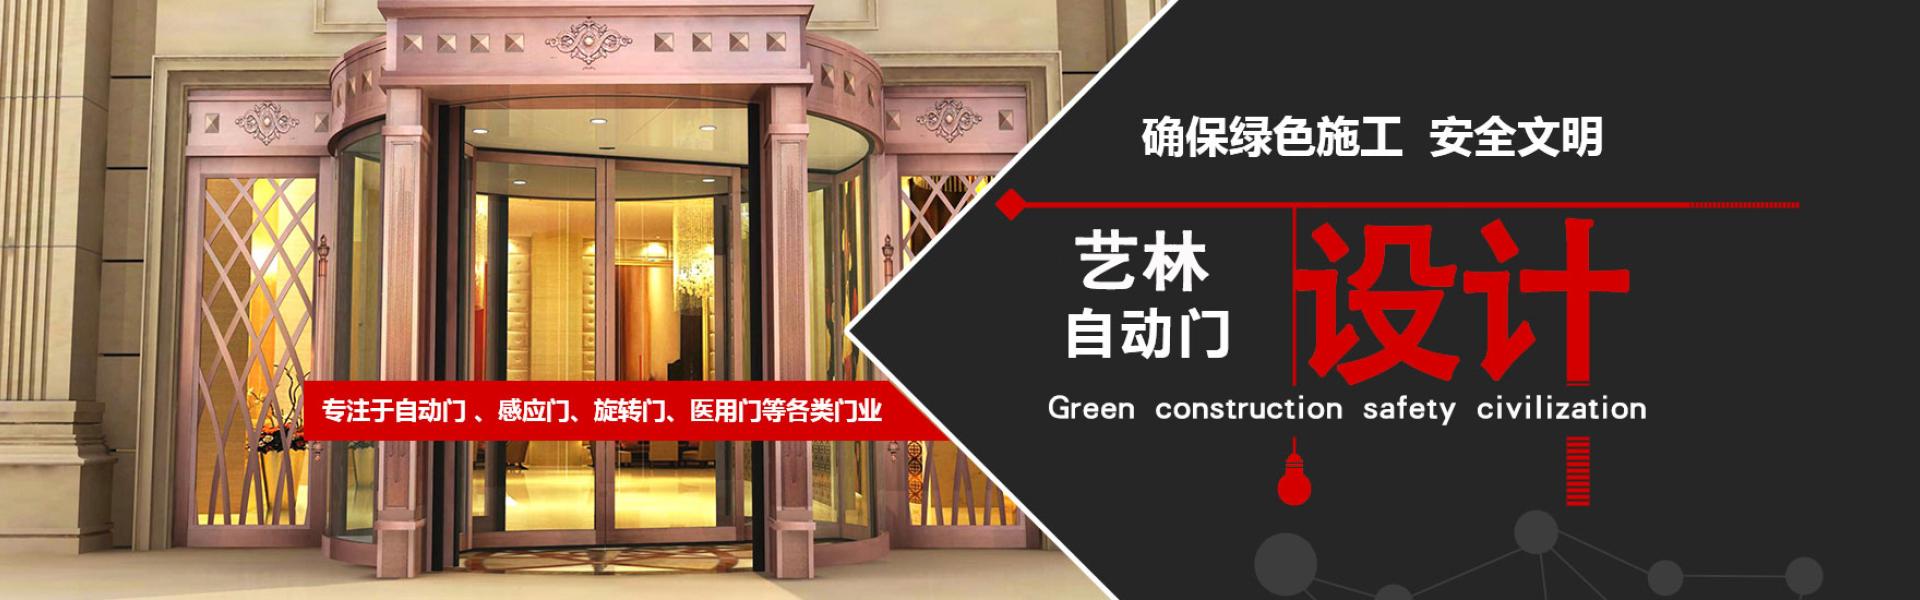 专注于自动门、感应门、旋转门、医用门等各类门业。确保绿色施工 安全文明 艺林自动门设计!